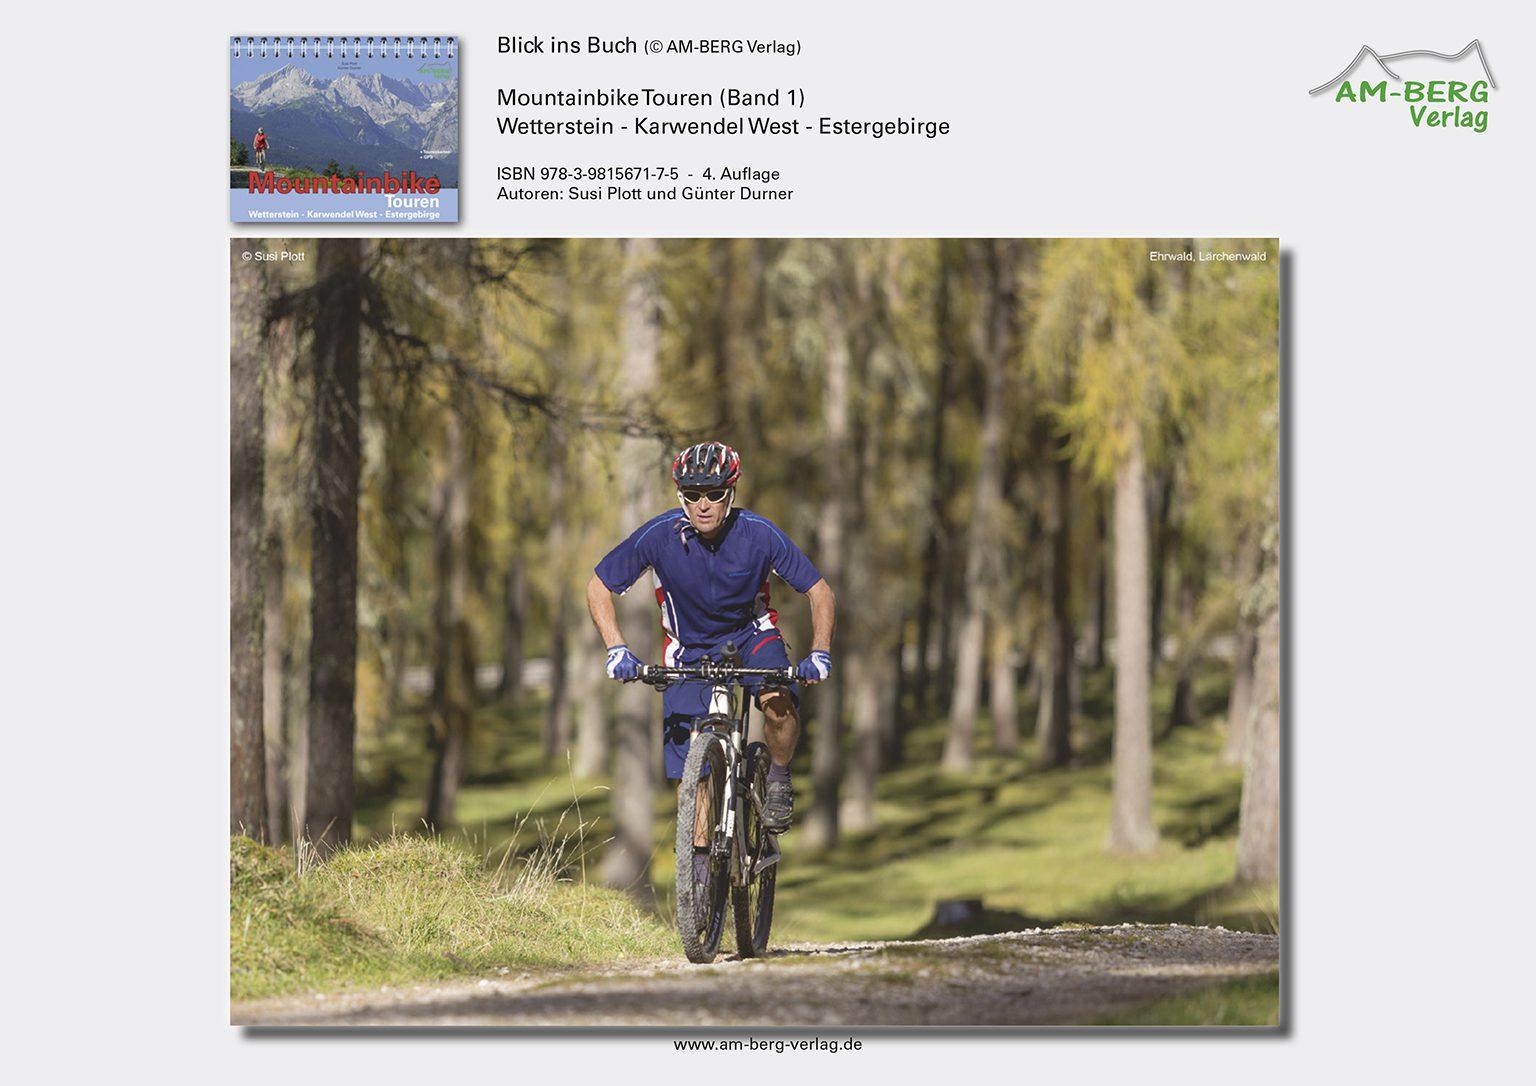 Mountainbike Touren Wetterstein-Karwendel-West-Estergebirge_band1_BlickinsBuch04